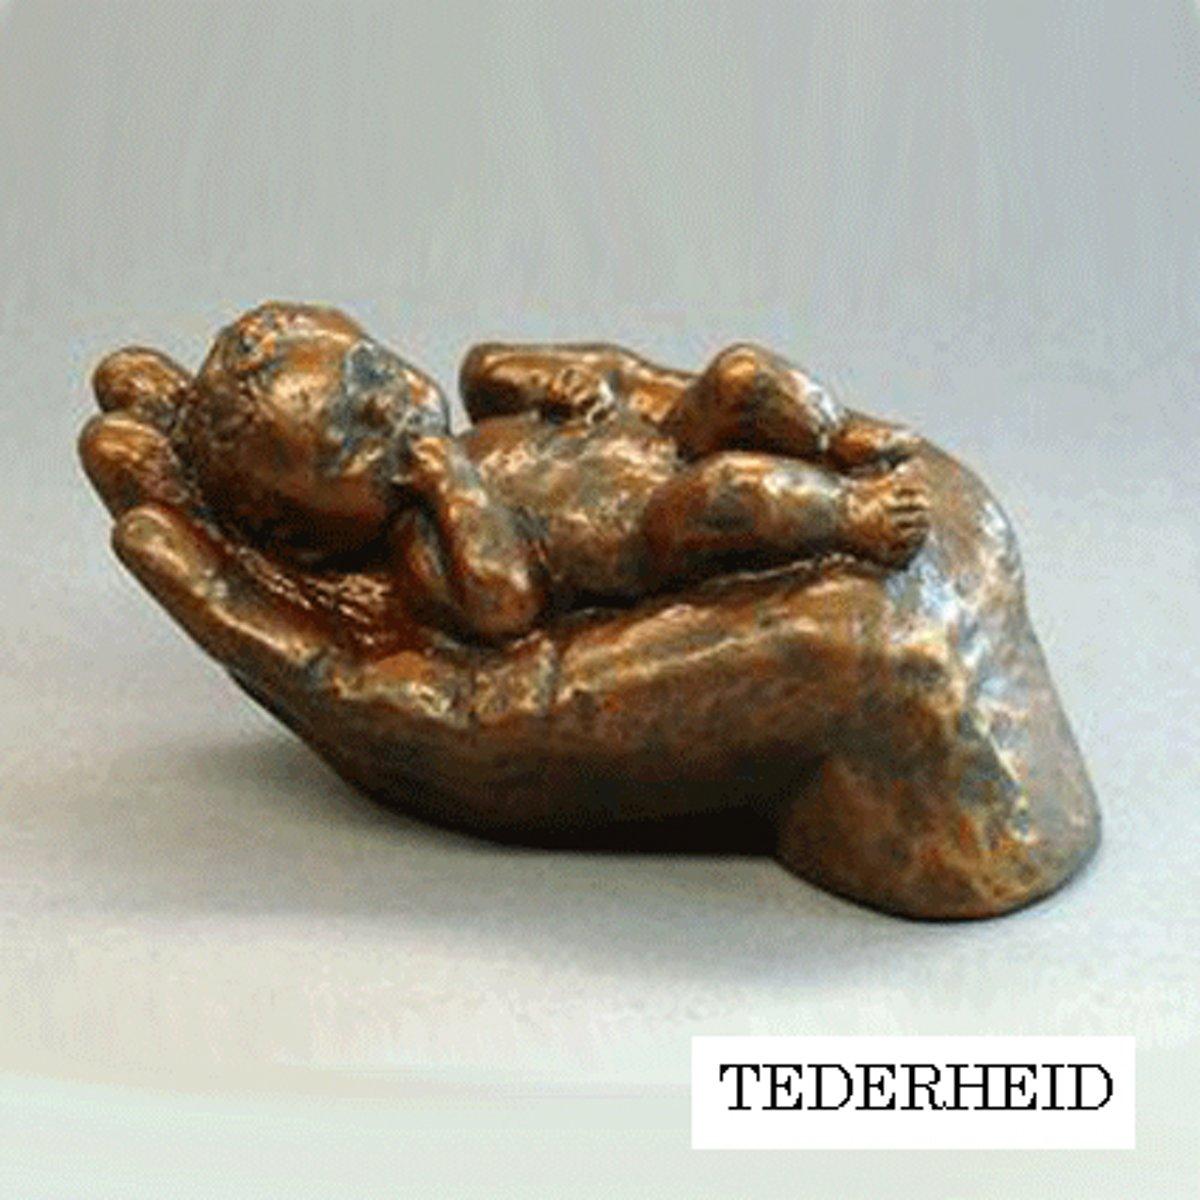 Parastone beeldje baby in hand - Tederheid - brons - 1229.20 - 4 cm hoog